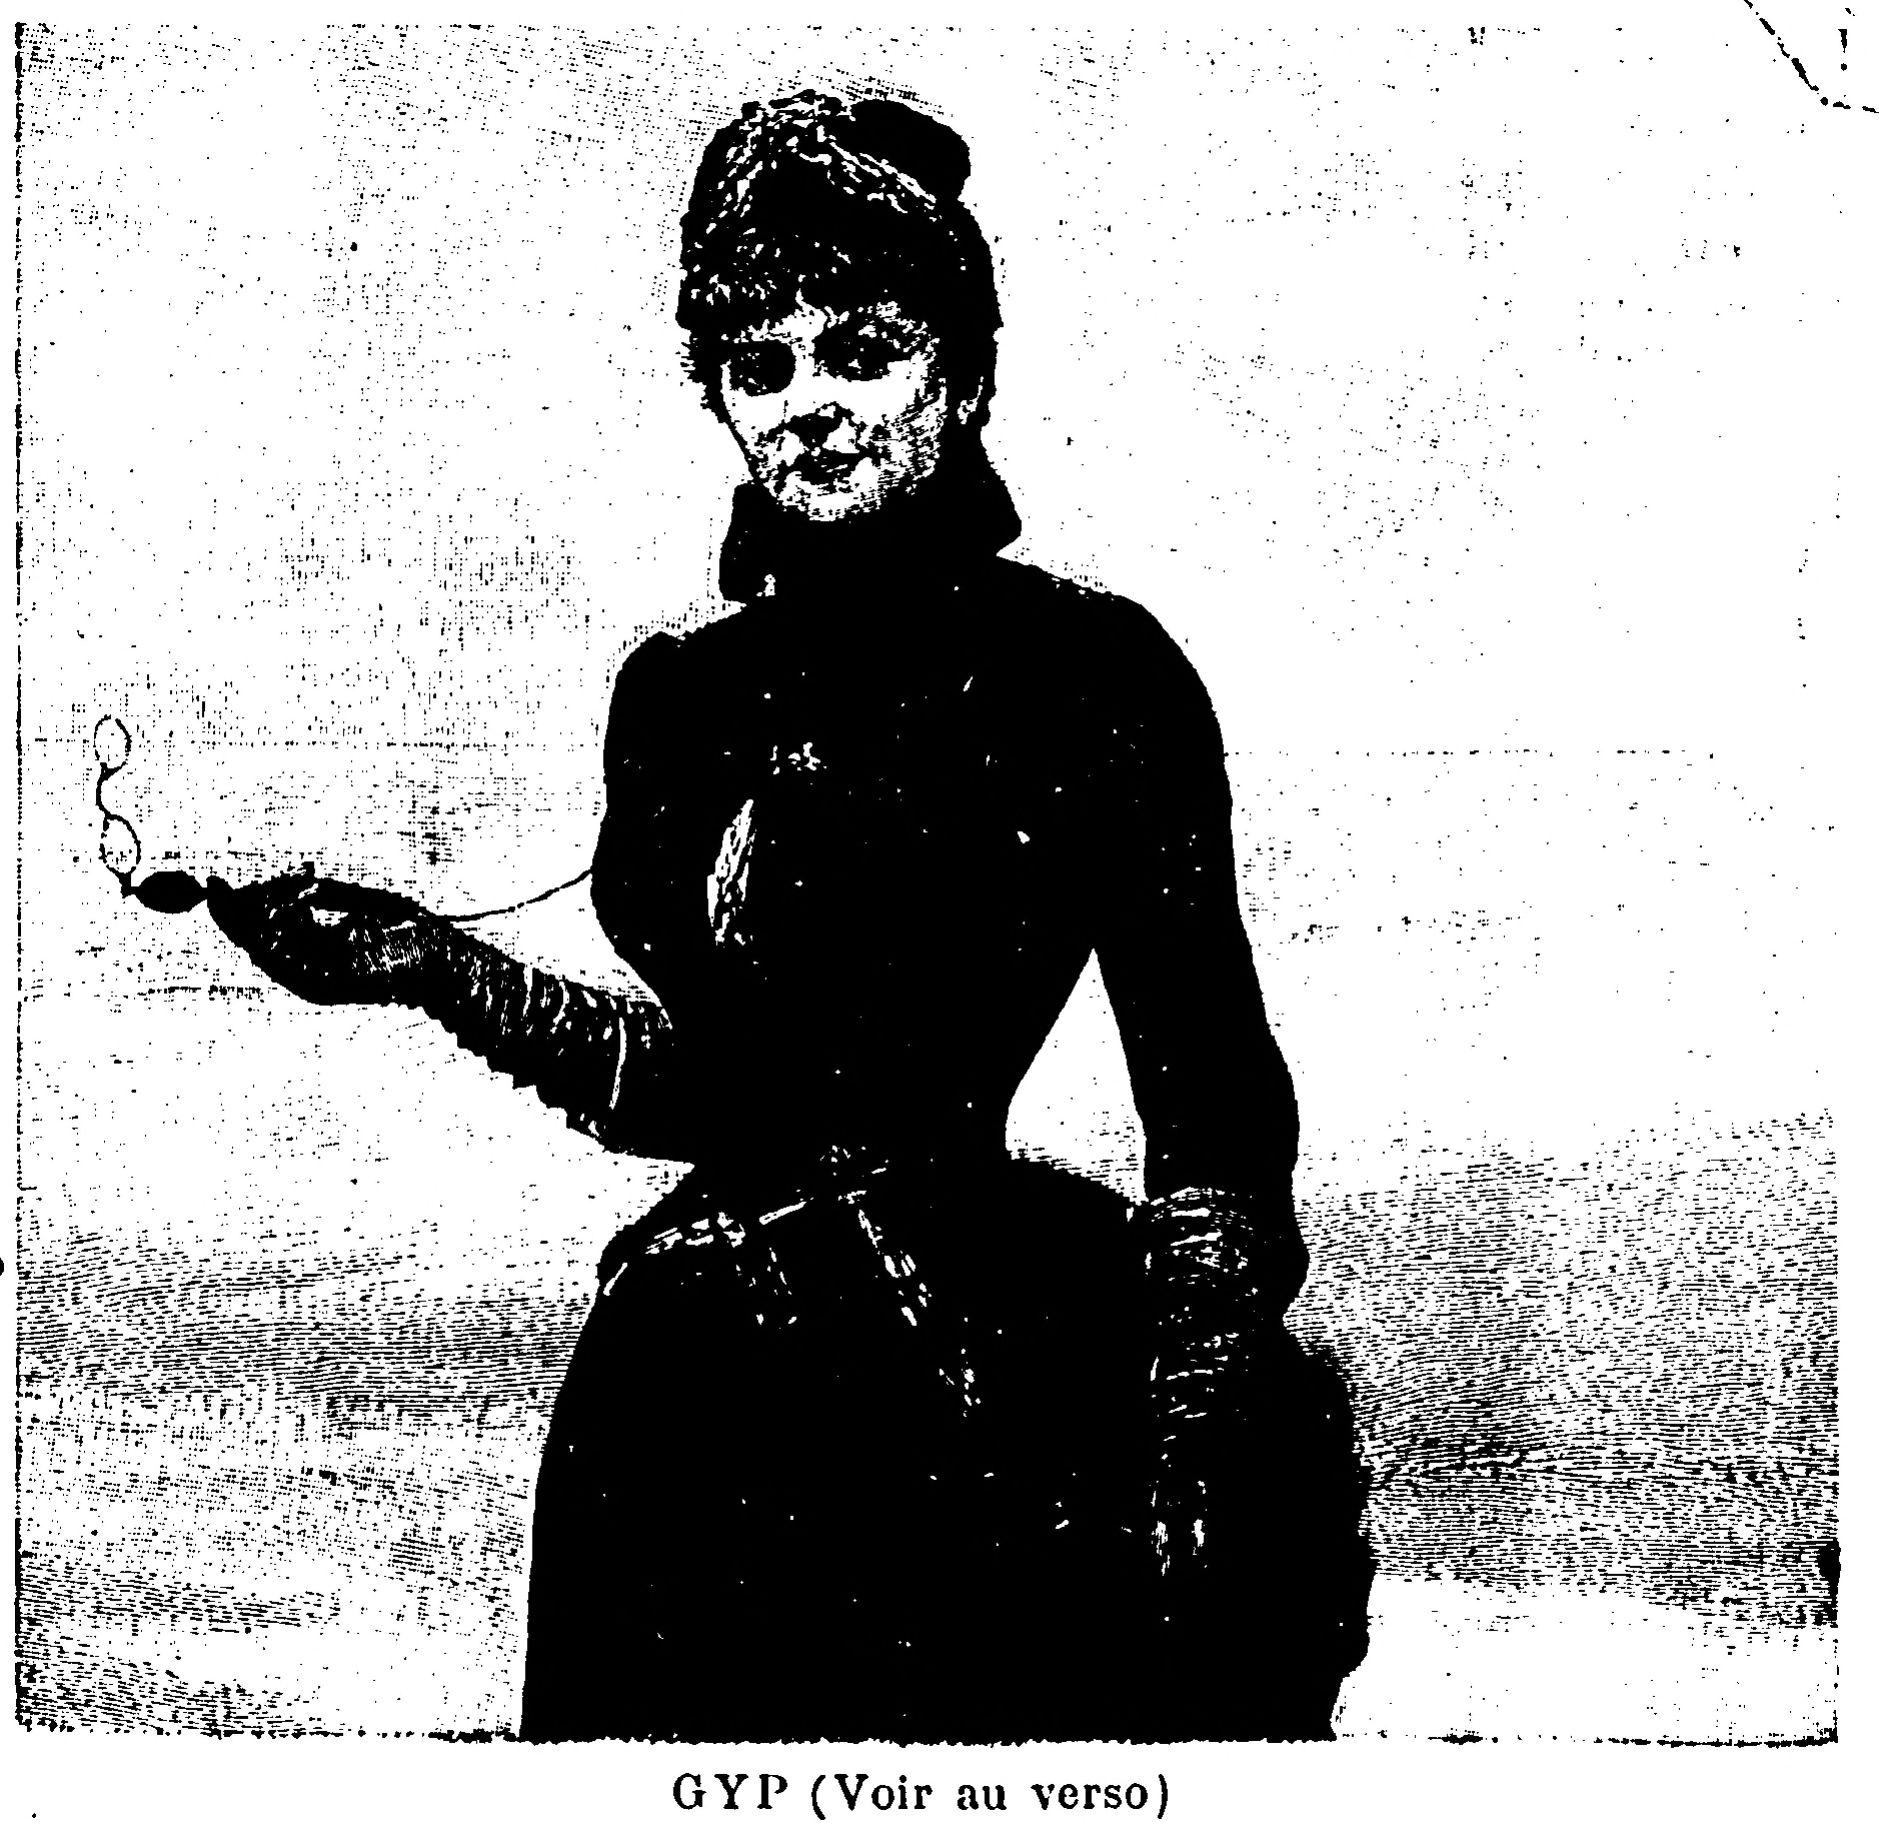 Contenu du Journal du dimanche littéraire 7 mai 1893, Gyp et son face-à-main